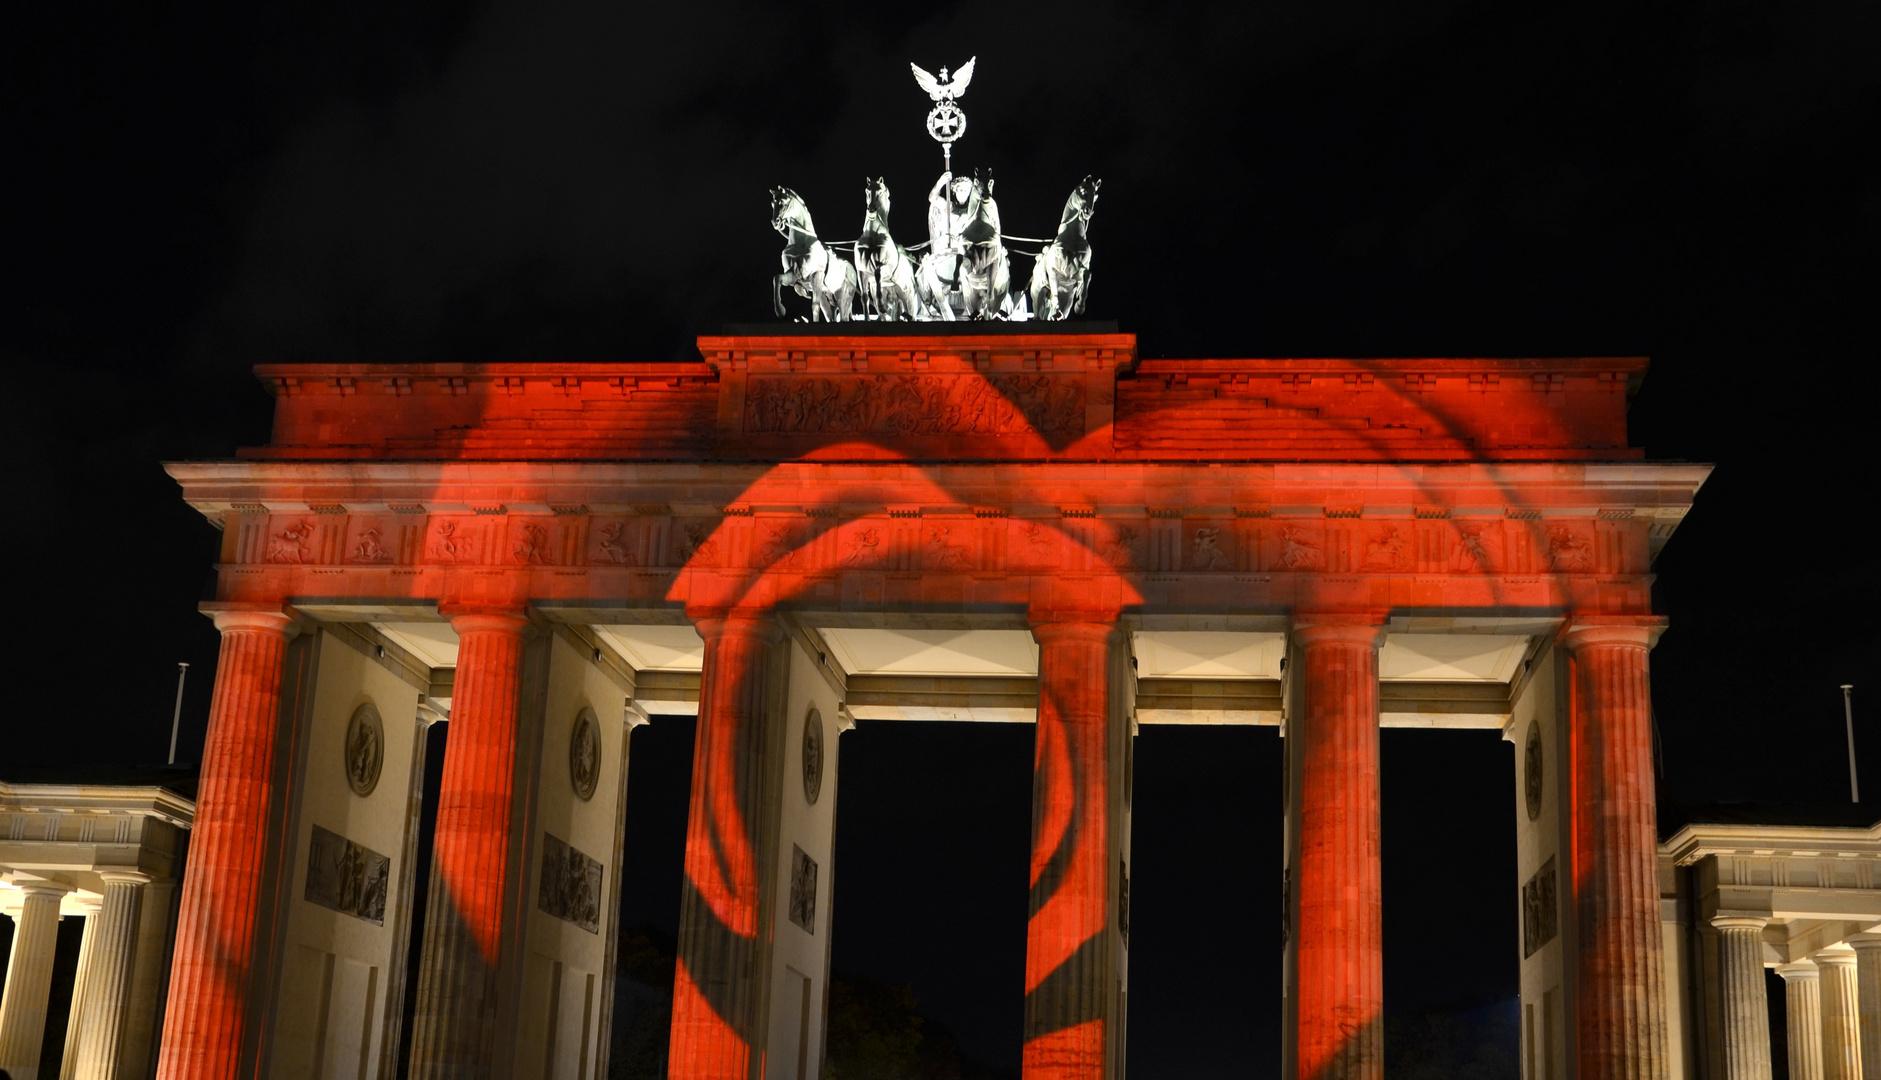 Festival of Lights Berlin 2014 - 02